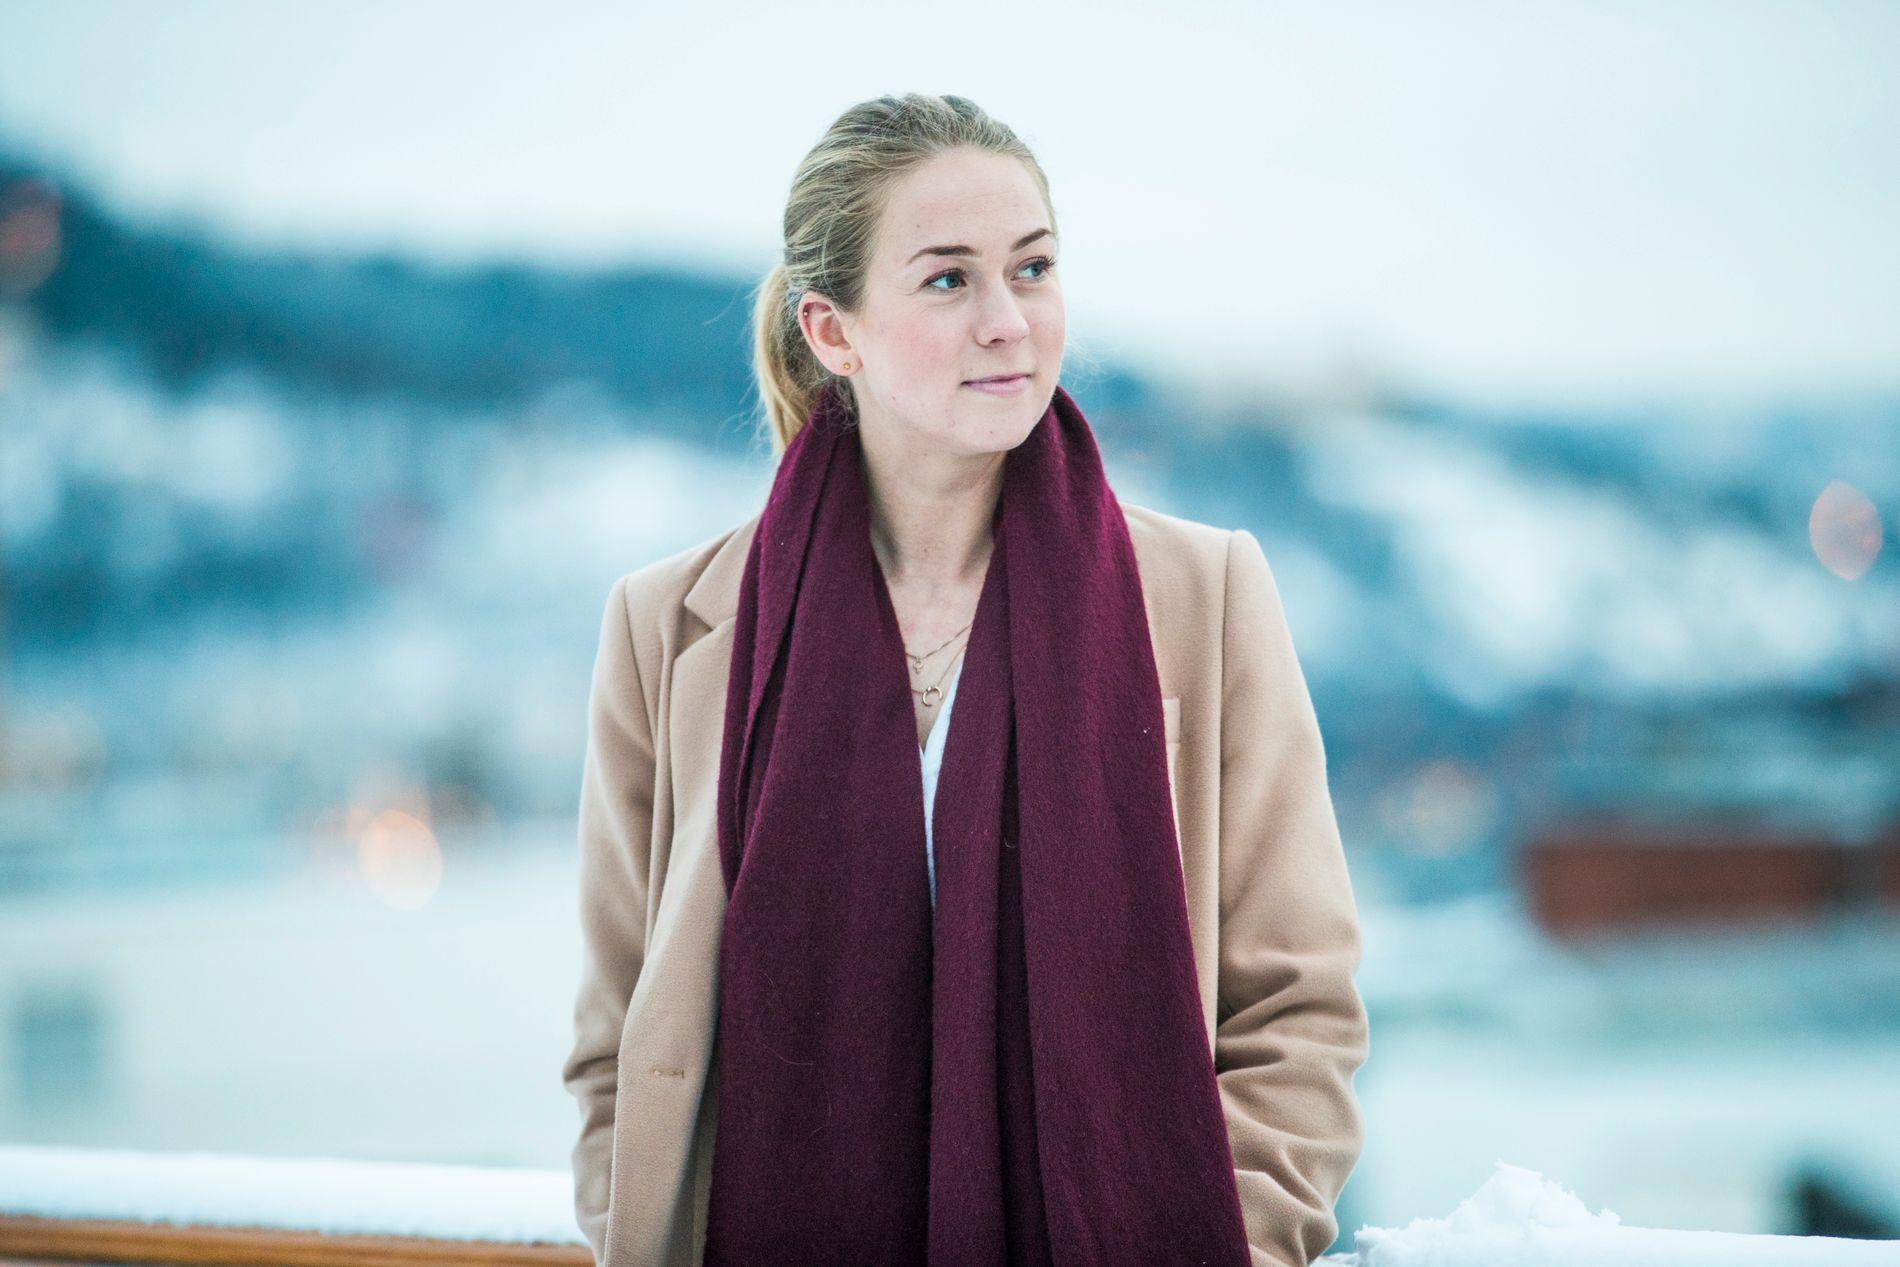 NY TID: Ragnhild Ås Harbo avsluttet nylig et vikariat i NRK P3, og mener #metoo-kampanjen har ført til en faktisk endring. – Ting skjer nå, det ser vi jo, sier hun.